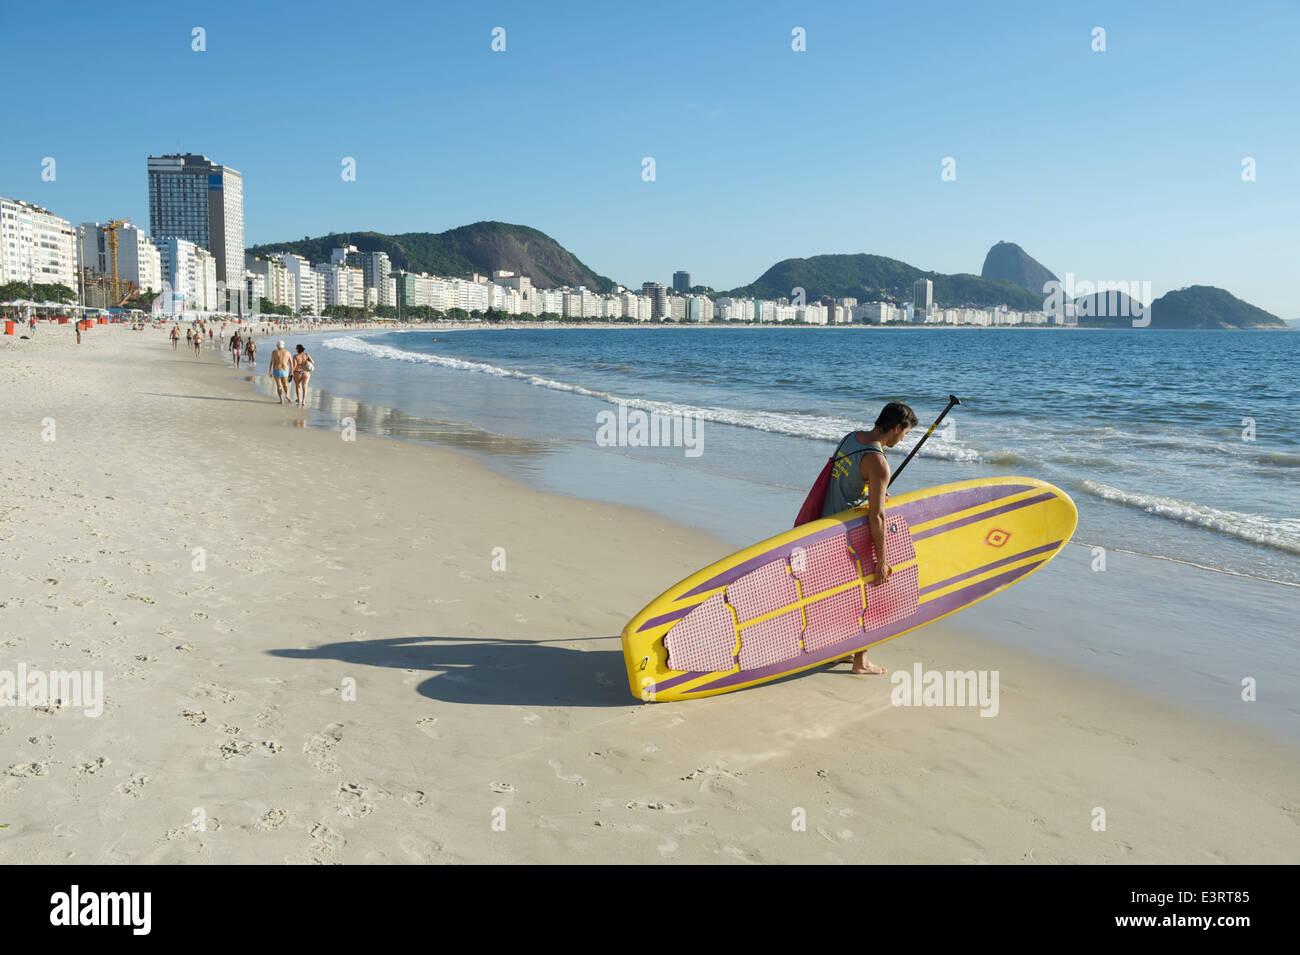 Río de Janeiro, Brasil - 31 de enero de 2014: Brasil hombre lleva un stand up paddle surf longboard en el agua Imagen De Stock